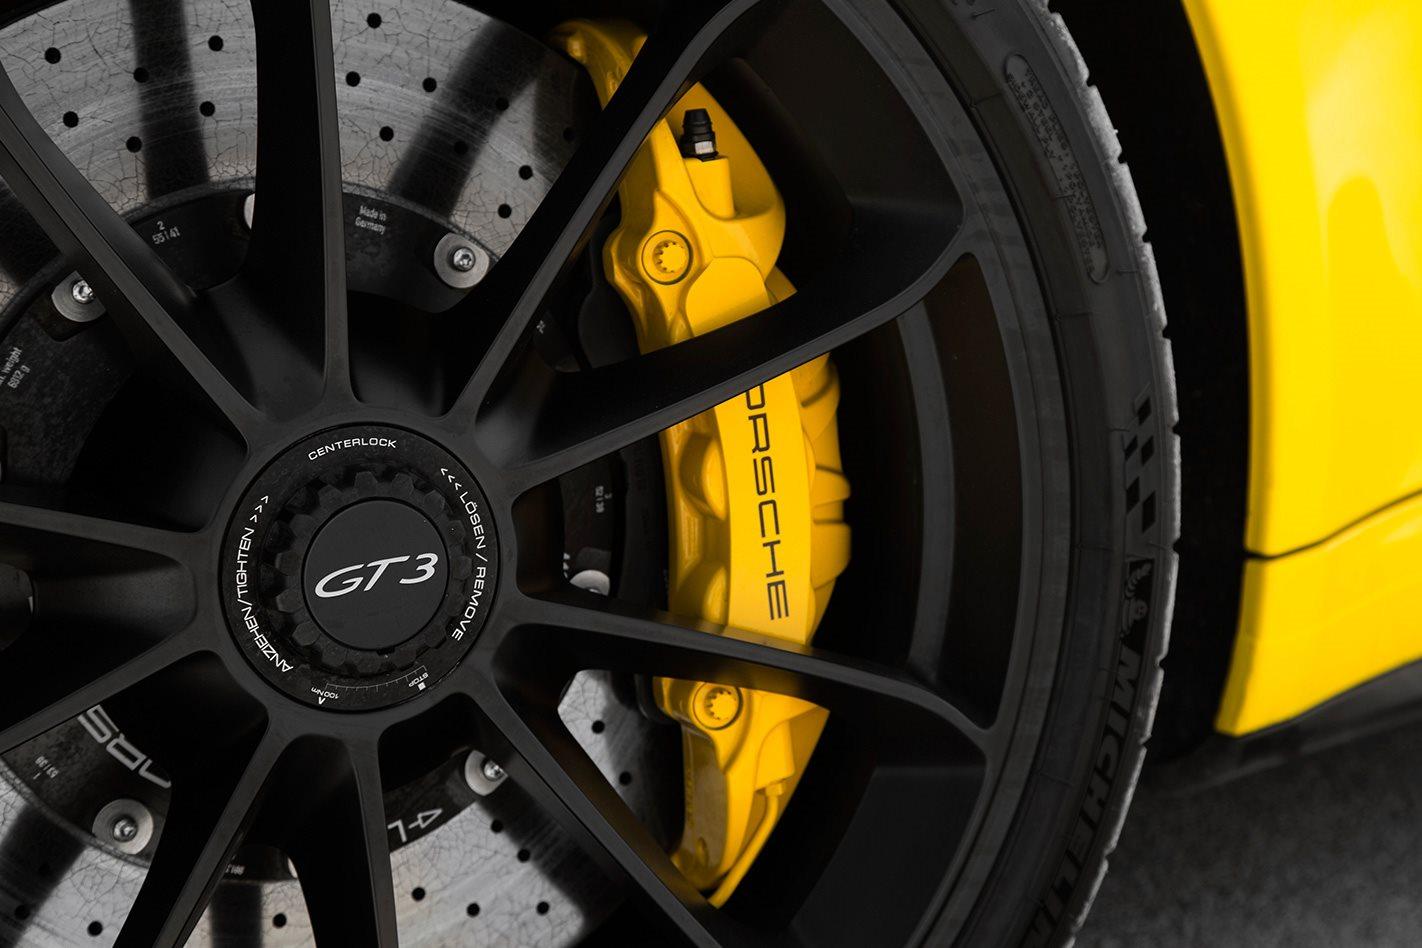 2017 Porsche 911 GT3 manual wheel